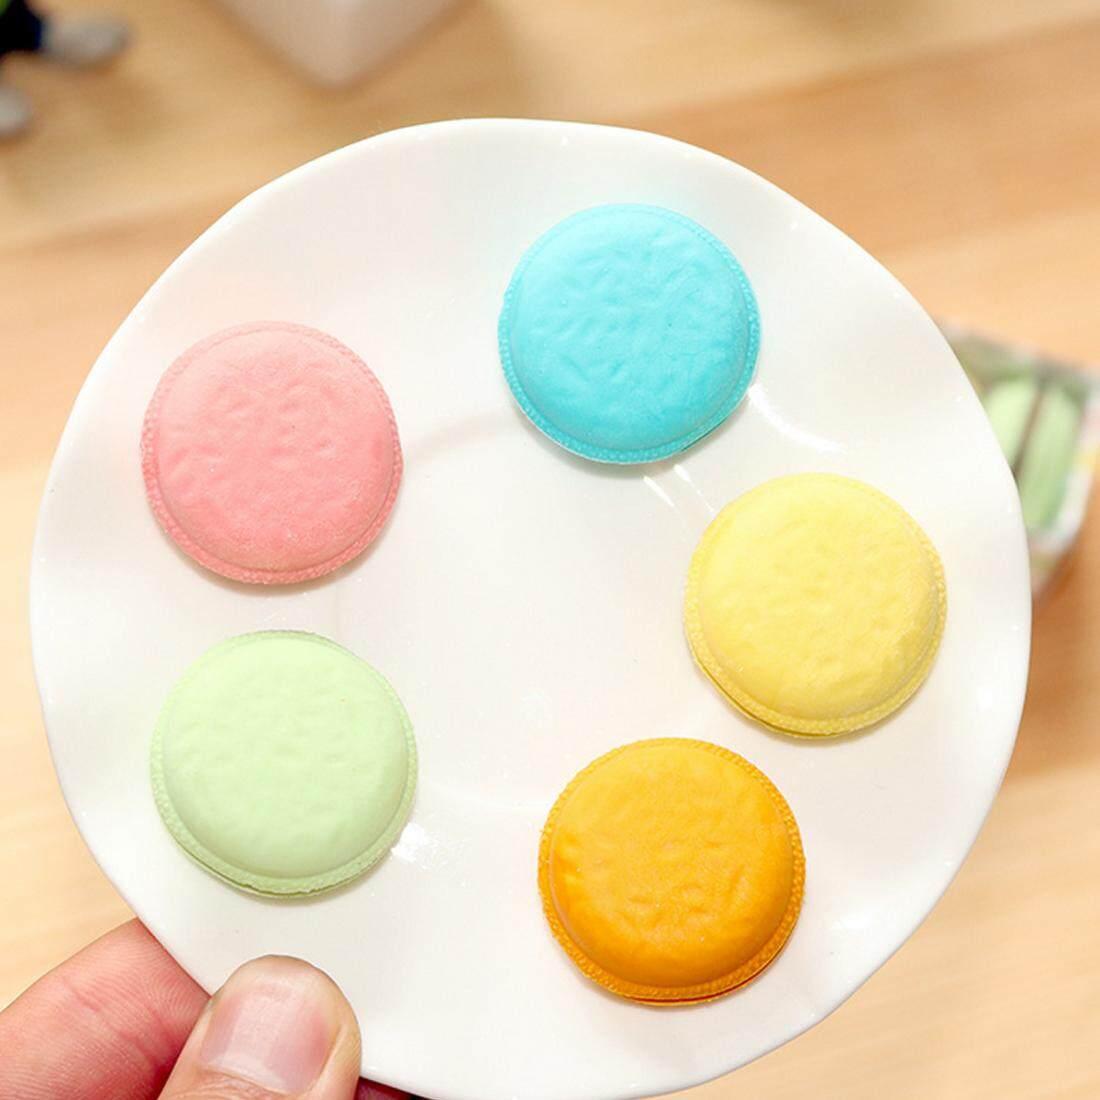 ... 5 Pcs Kawaii Lucu Kue Berwarna-warni Penghapus Karet Kreatif Penghapus Macaron untuk Hadiah Siswa ...